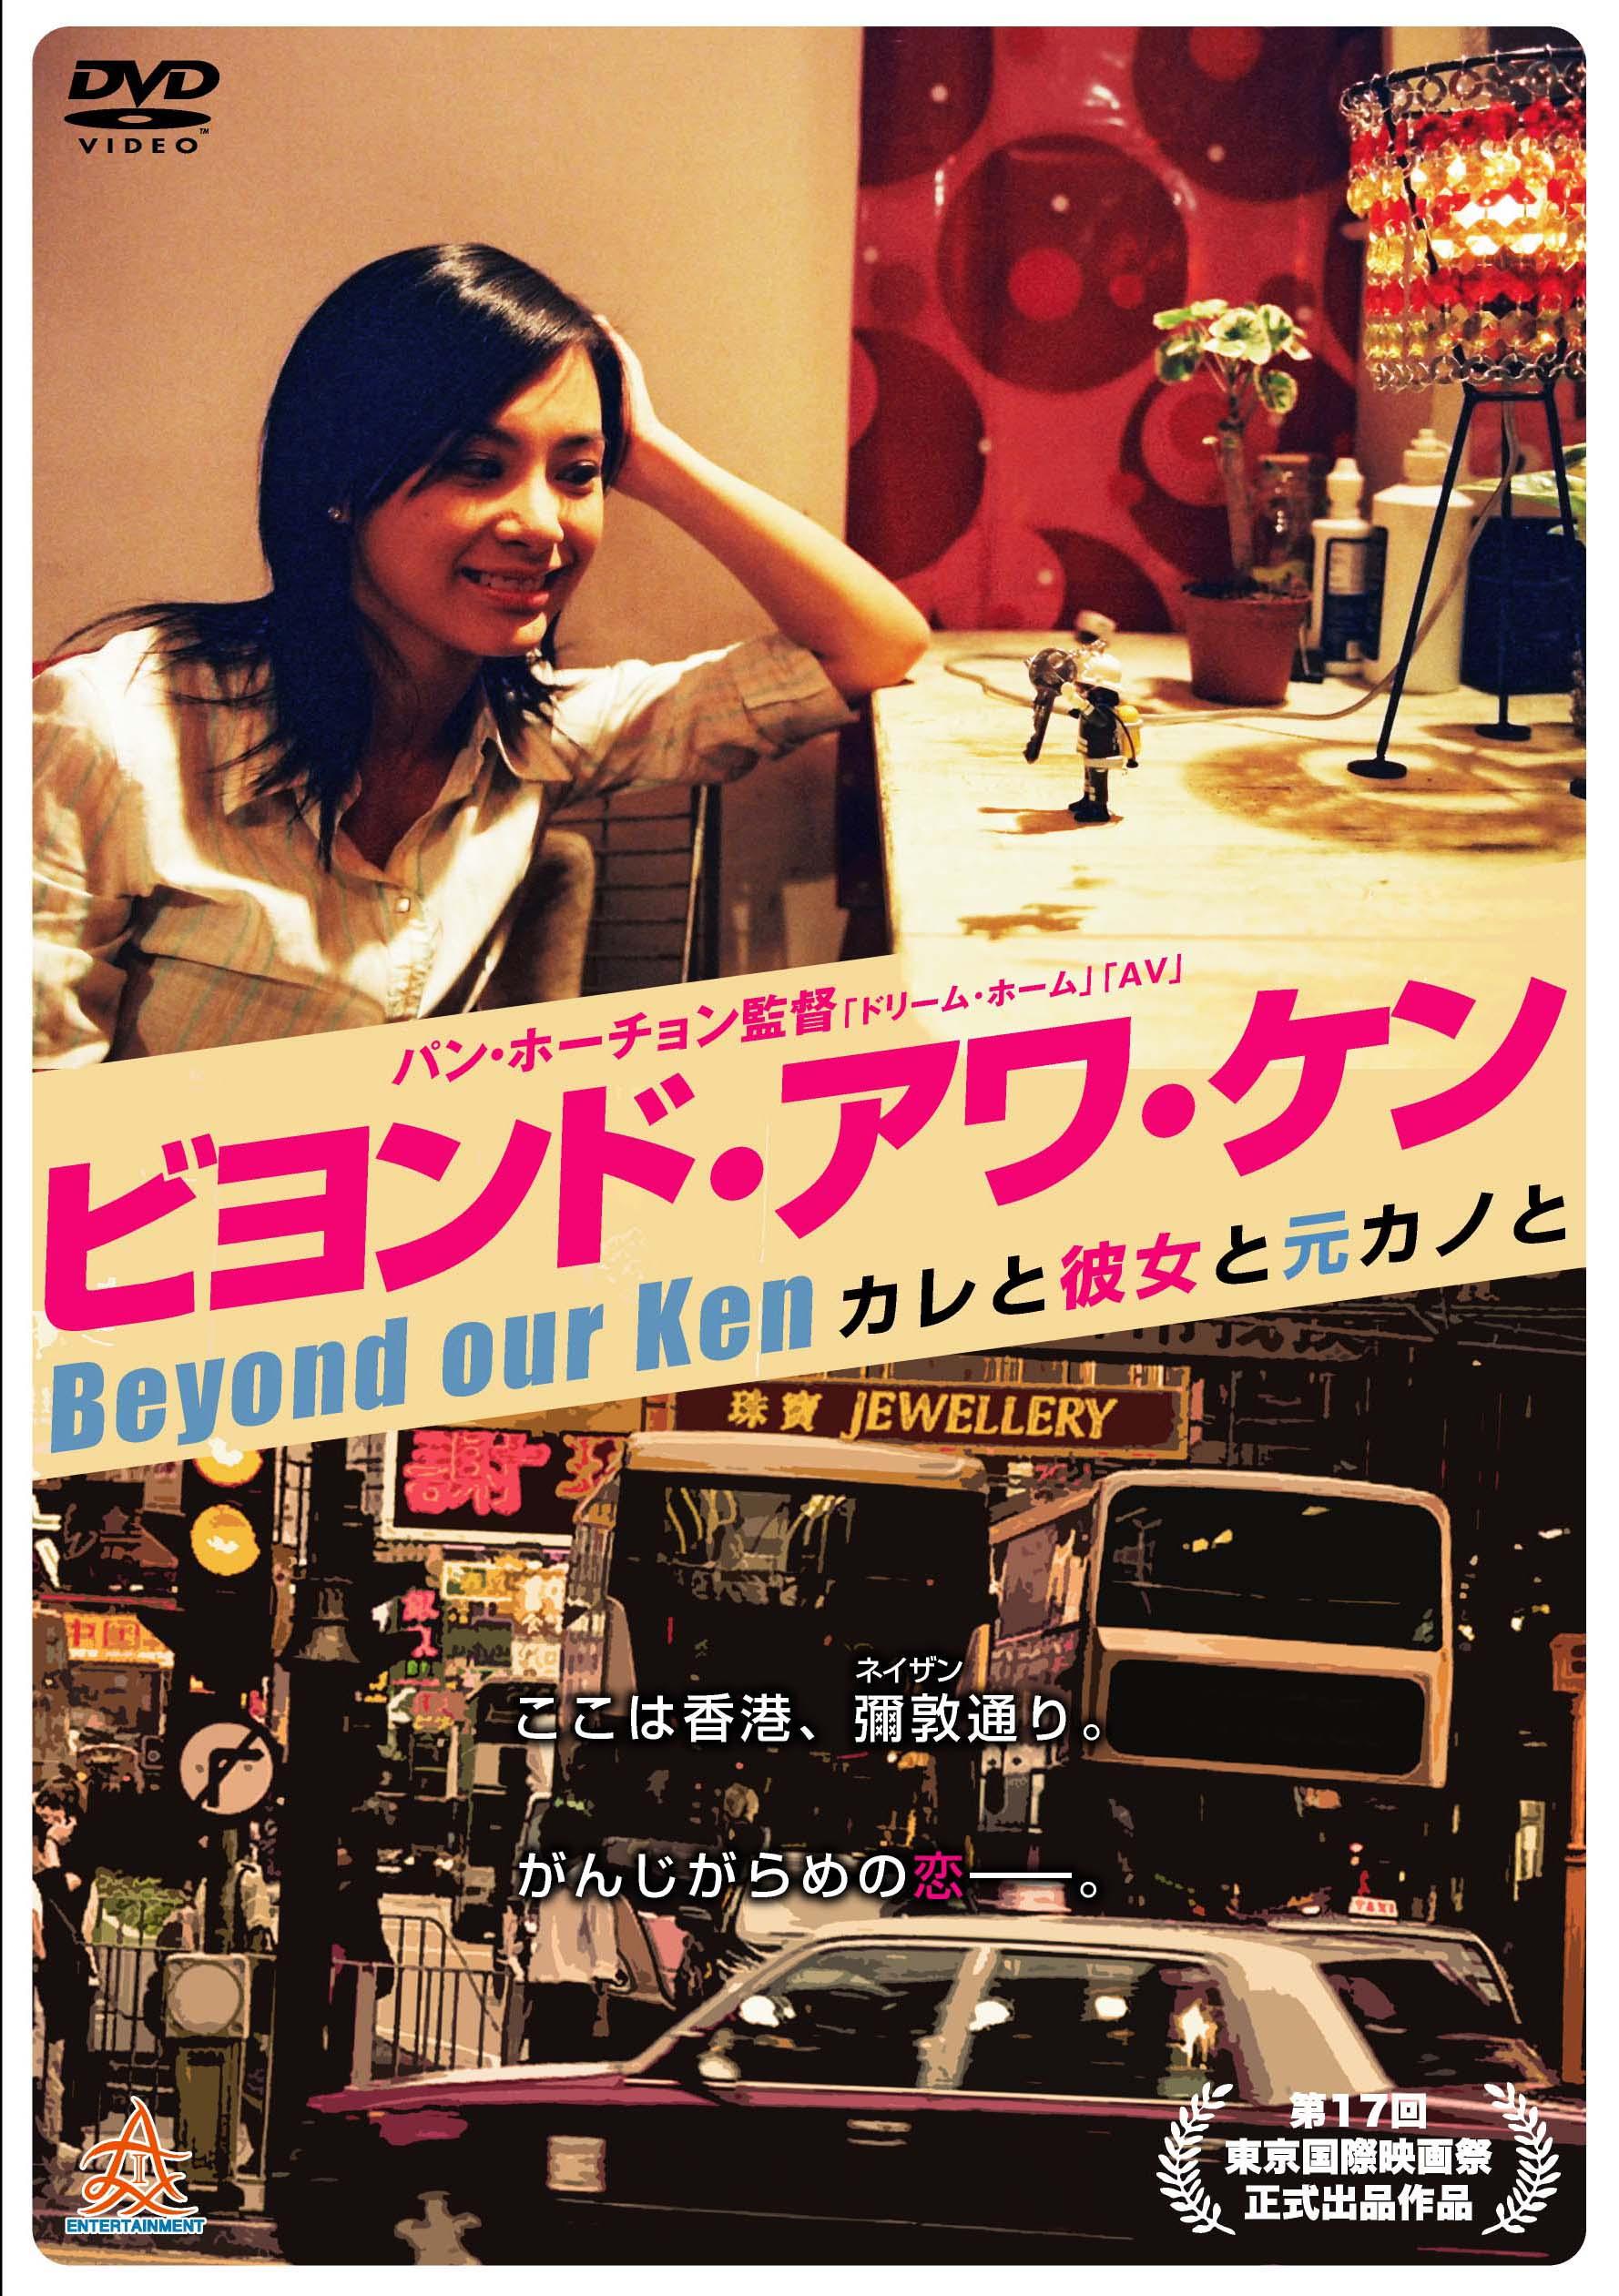 ビヨンド・アワ・ケンカレと彼女と元カノと DVD